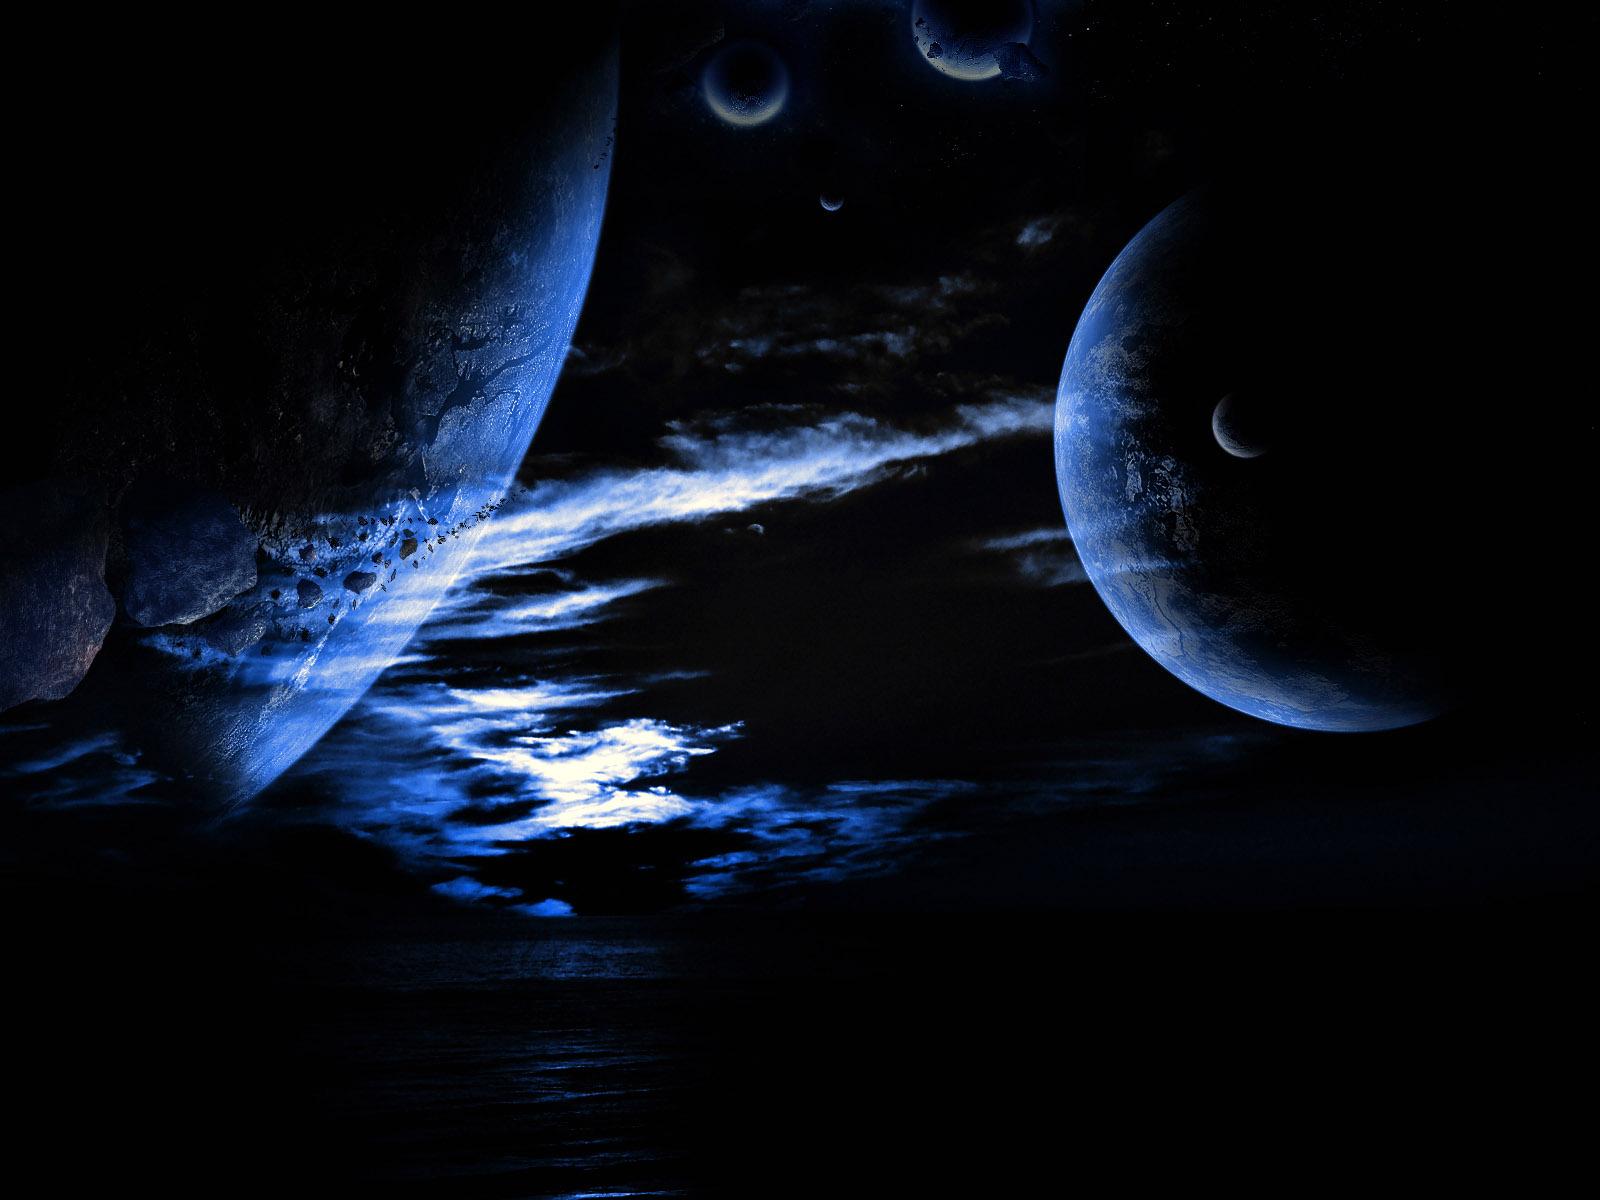 Download HQ planets 3d Space Wallpaper Num 117 1600 x 1200 224 1600x1200